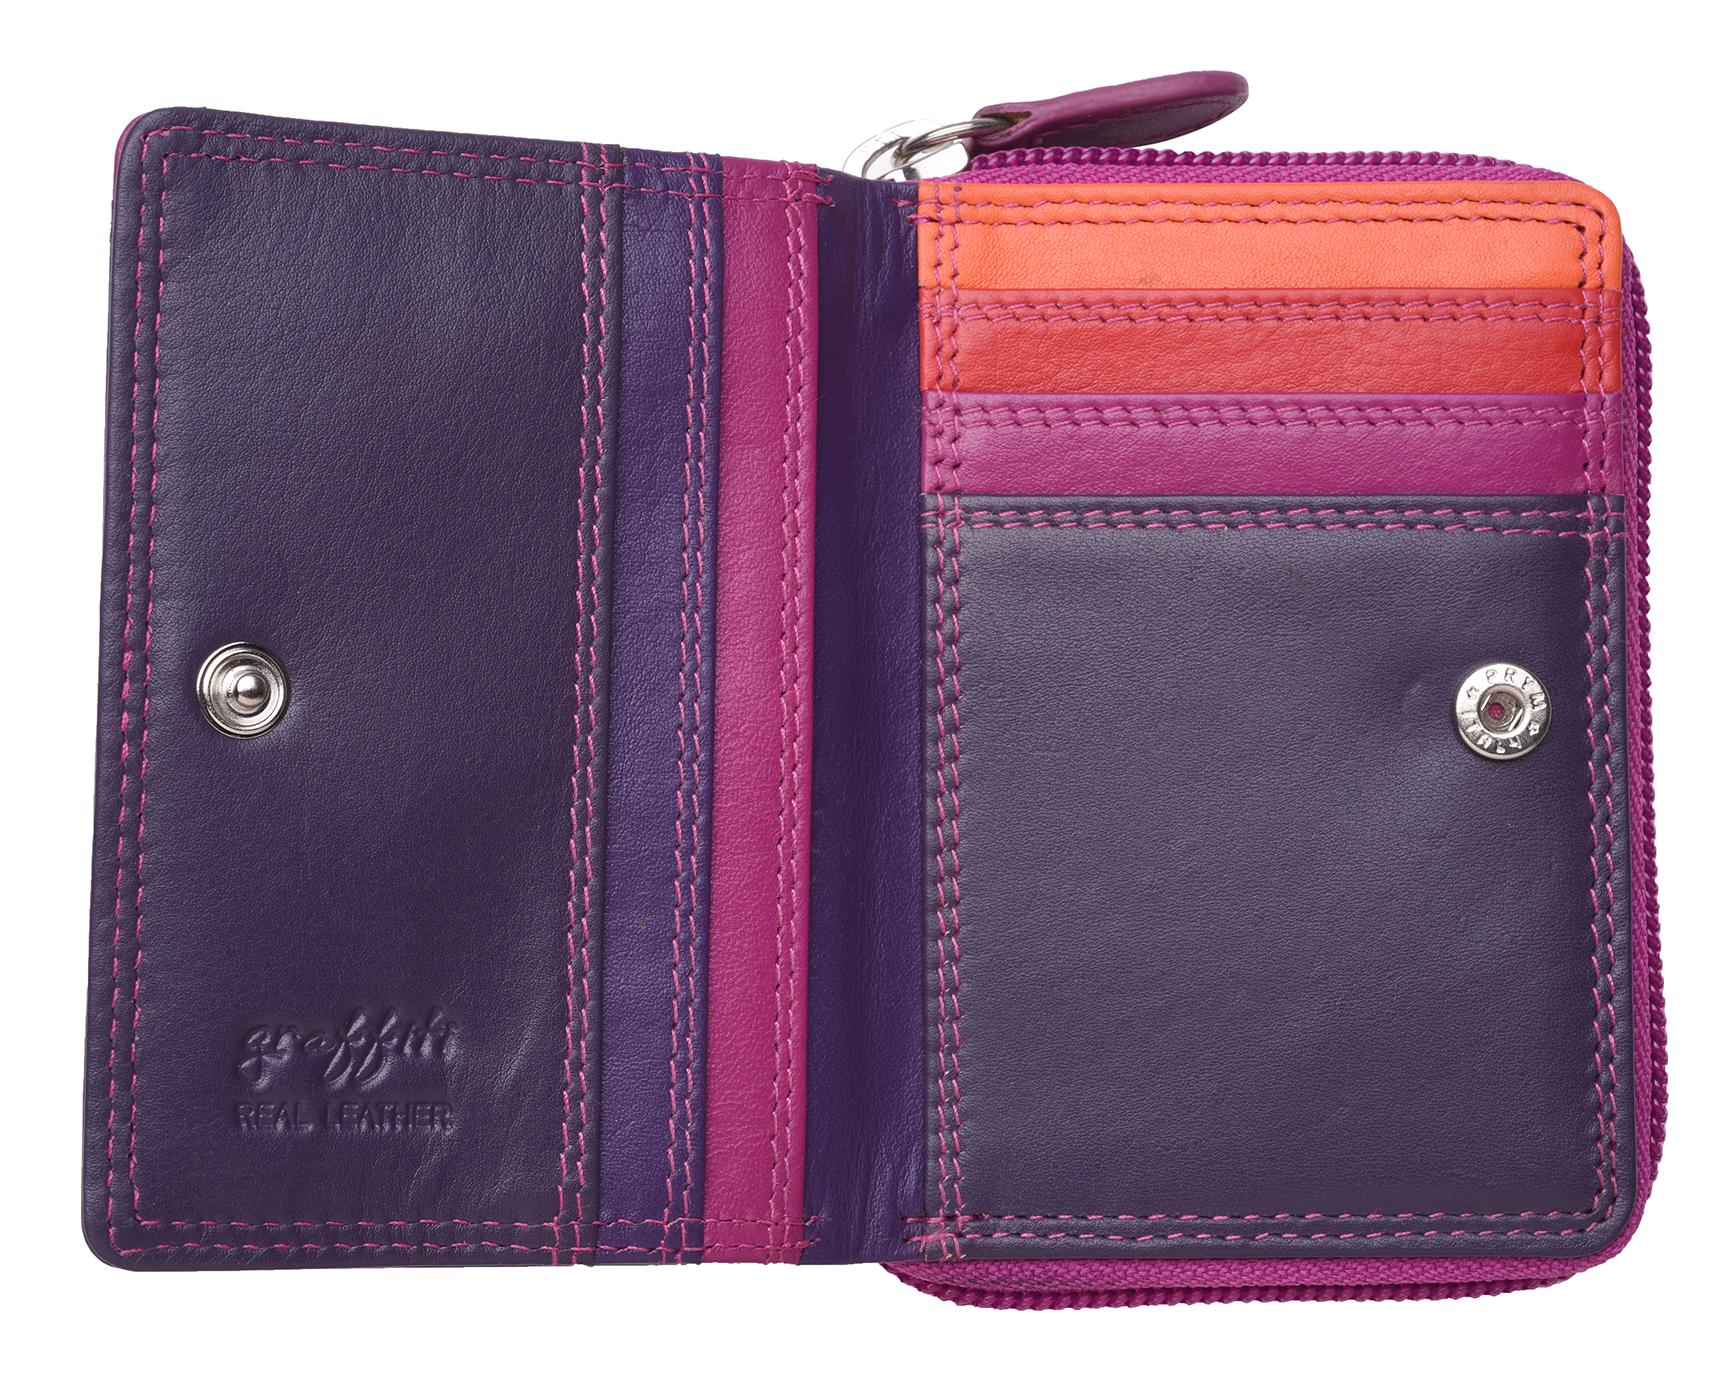 Femme-Femmes-RFID-Bloquant-en-Cuir-Veritable-Petit-Sac-a-main-portefeuille-vert-rose-rouge miniature 18